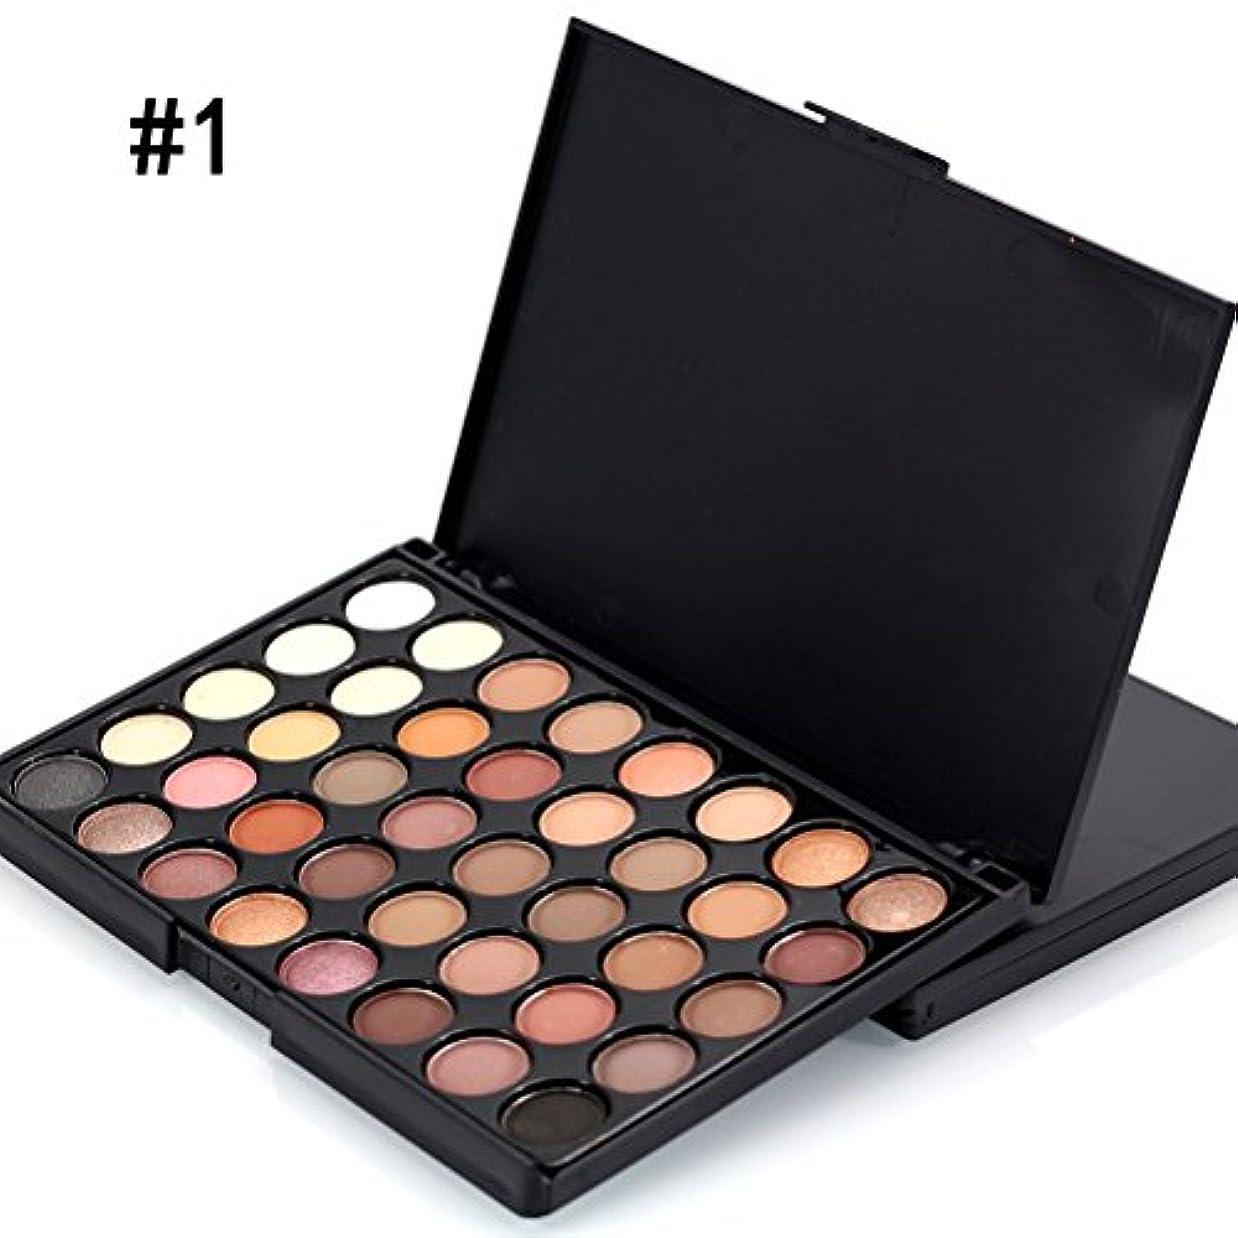 サロン酸度飛行場MakeupAccプロ仕様40色アイシャドウパレット ラメ マット アイシャドウボックス お洒落 アイメイクツール メイクアップパレット 化粧セット コスメ (#1)